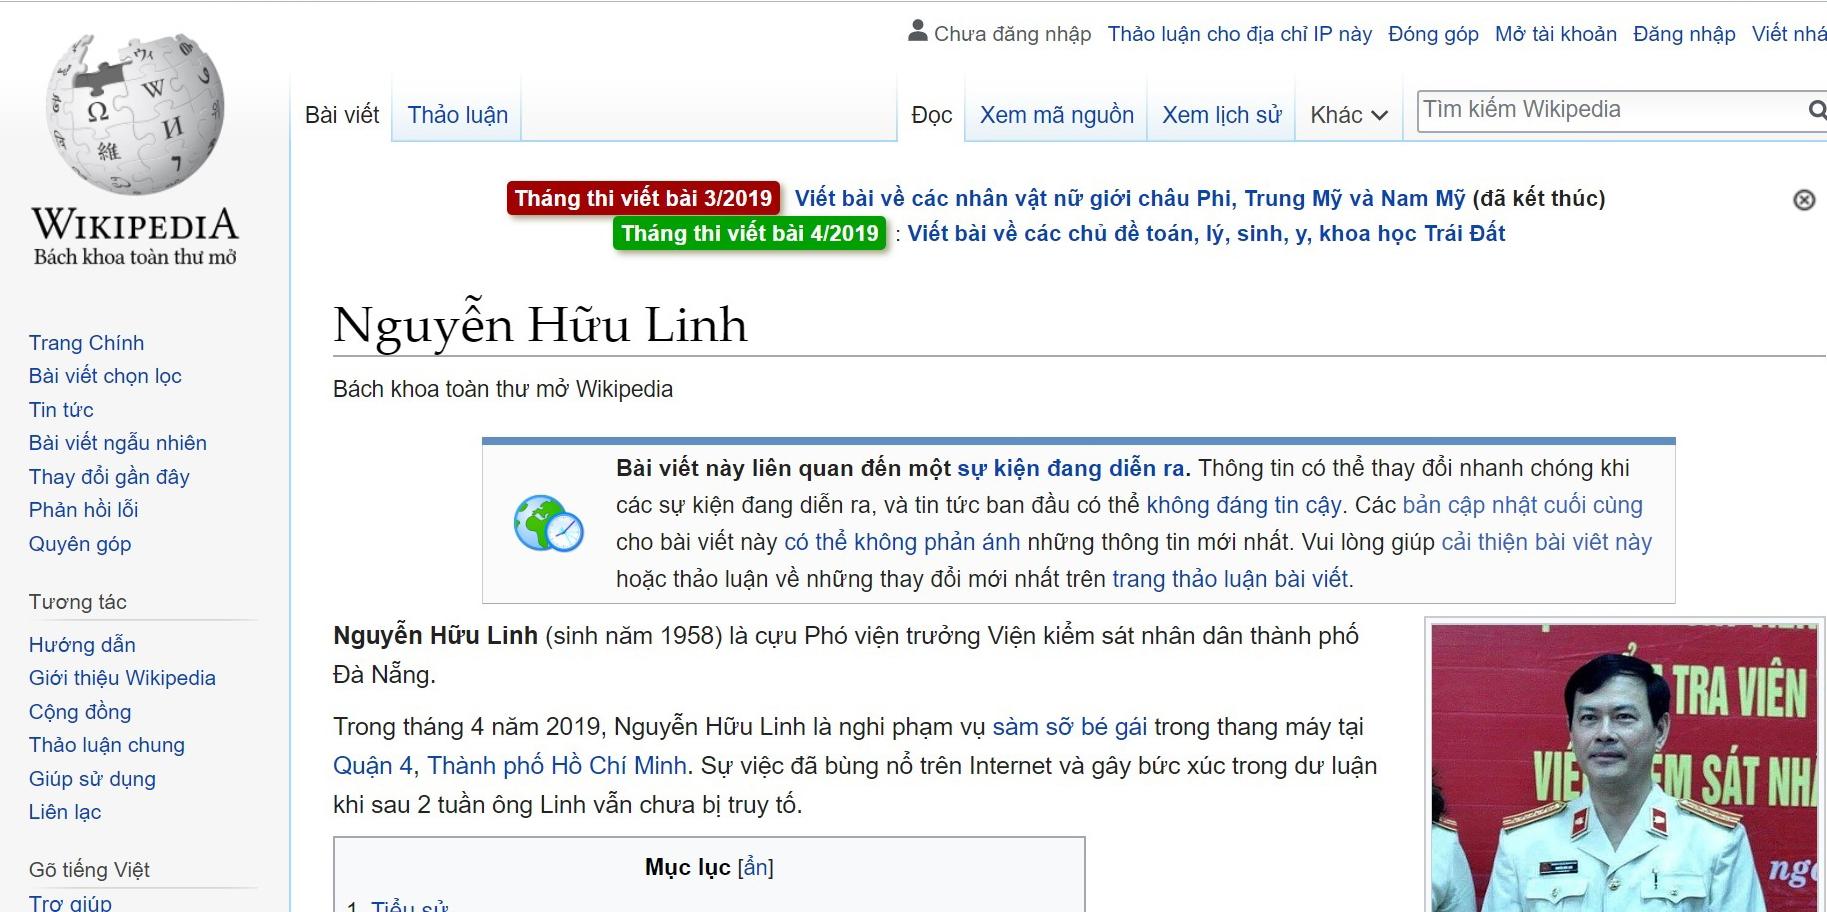 """Viện phó Viện kiểm sát Đà Nẵng tấn công tình dục bé gái được """"xướng tên"""" trên Wikipedia"""